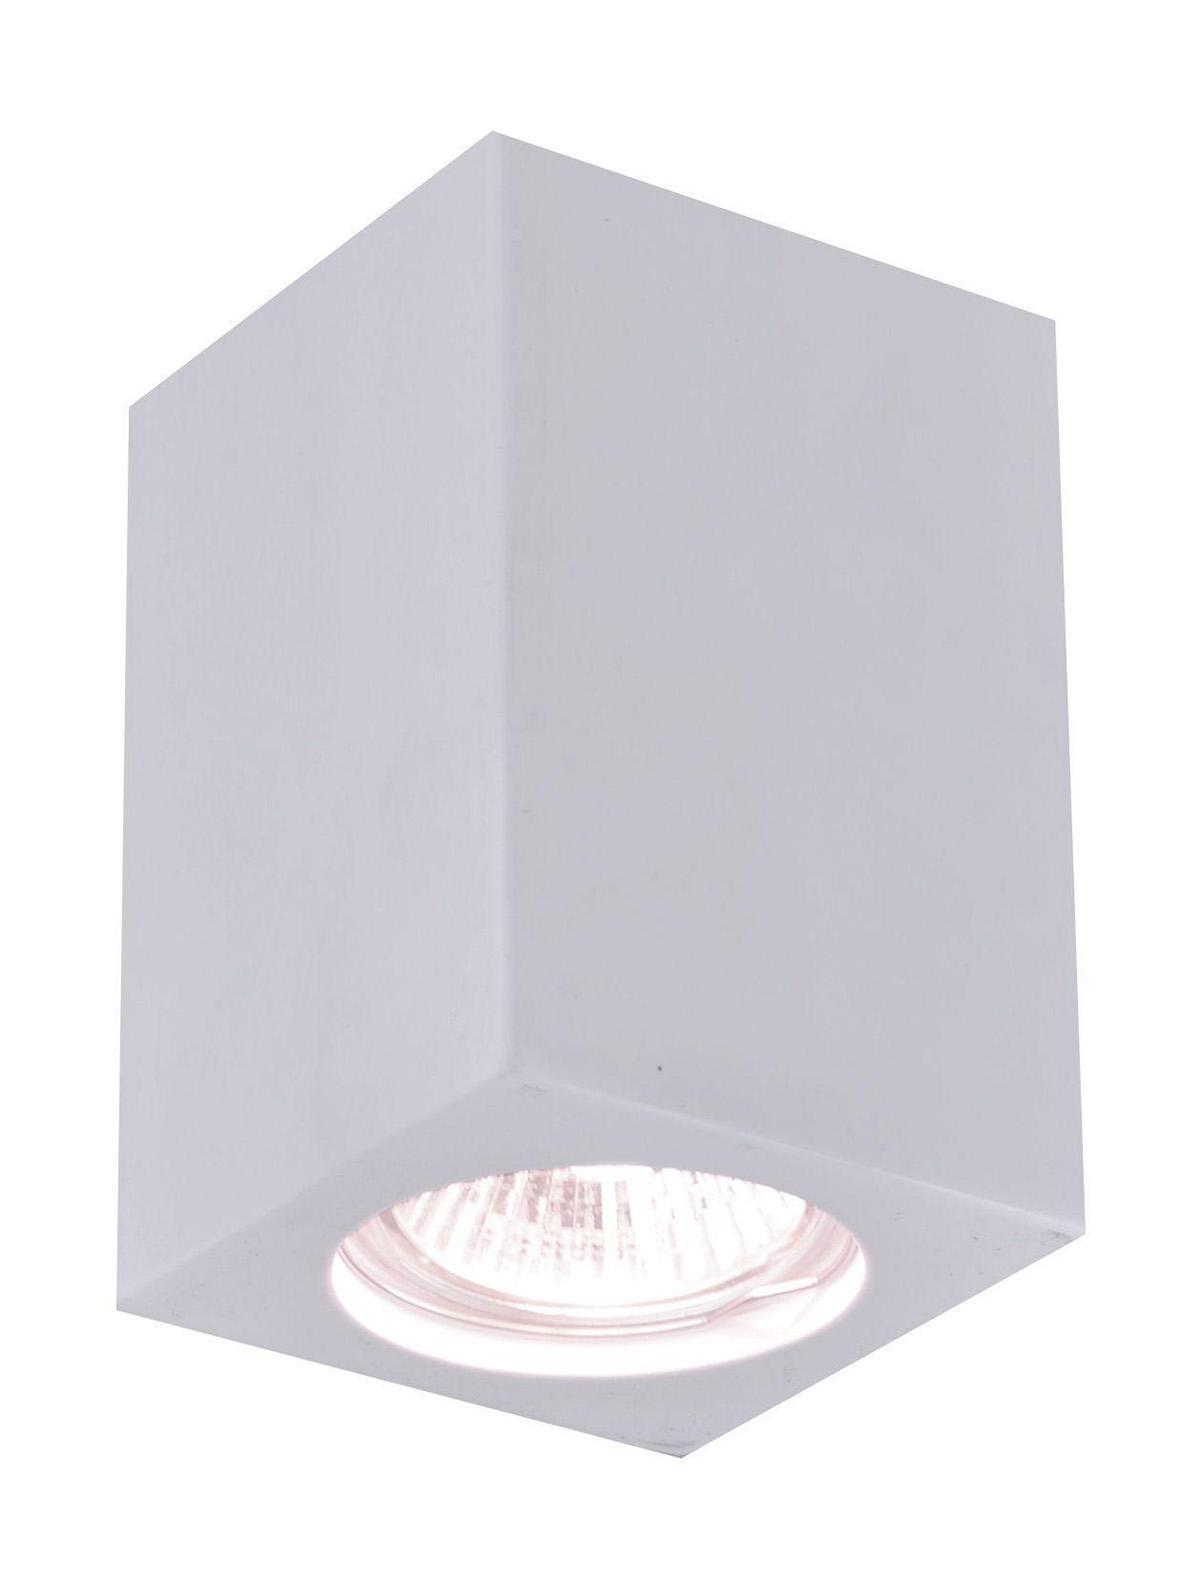 Светильник встраиваемый Arte lamp A9264pl-1wh встраиваемый светильник arte lamp tubo a9264pl 1wh